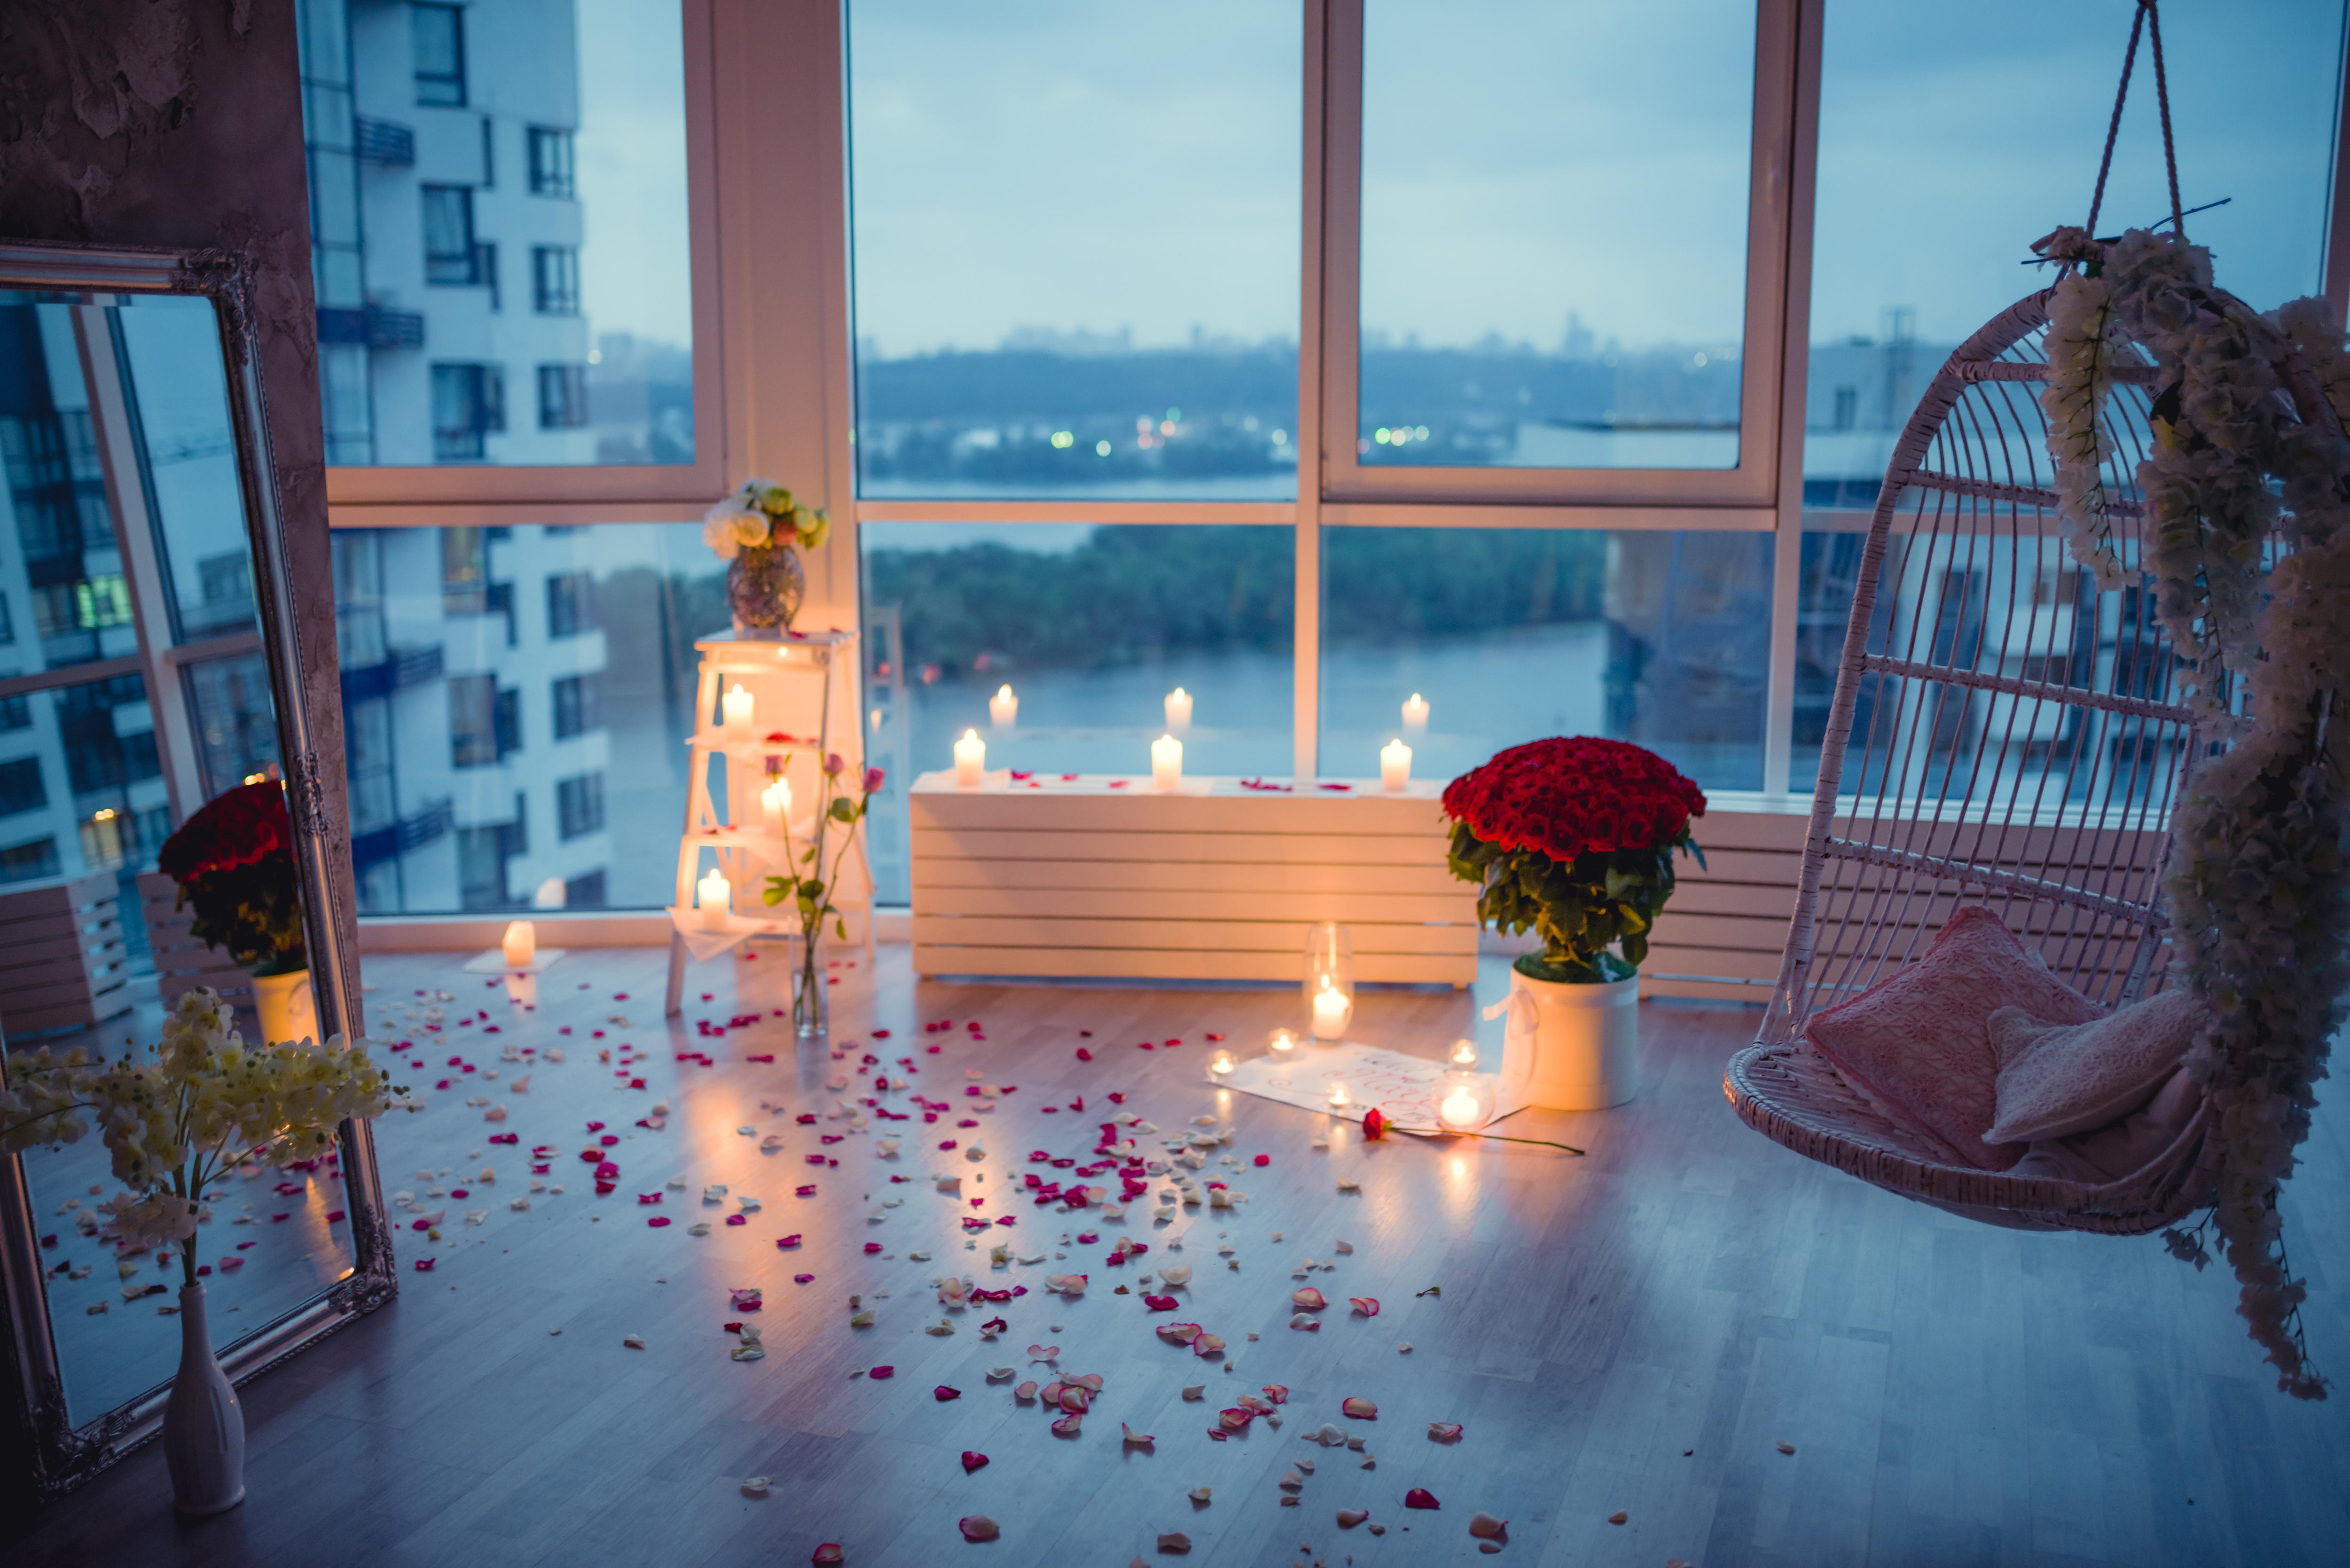 Ресторан для двоих, сервис романтики Аль